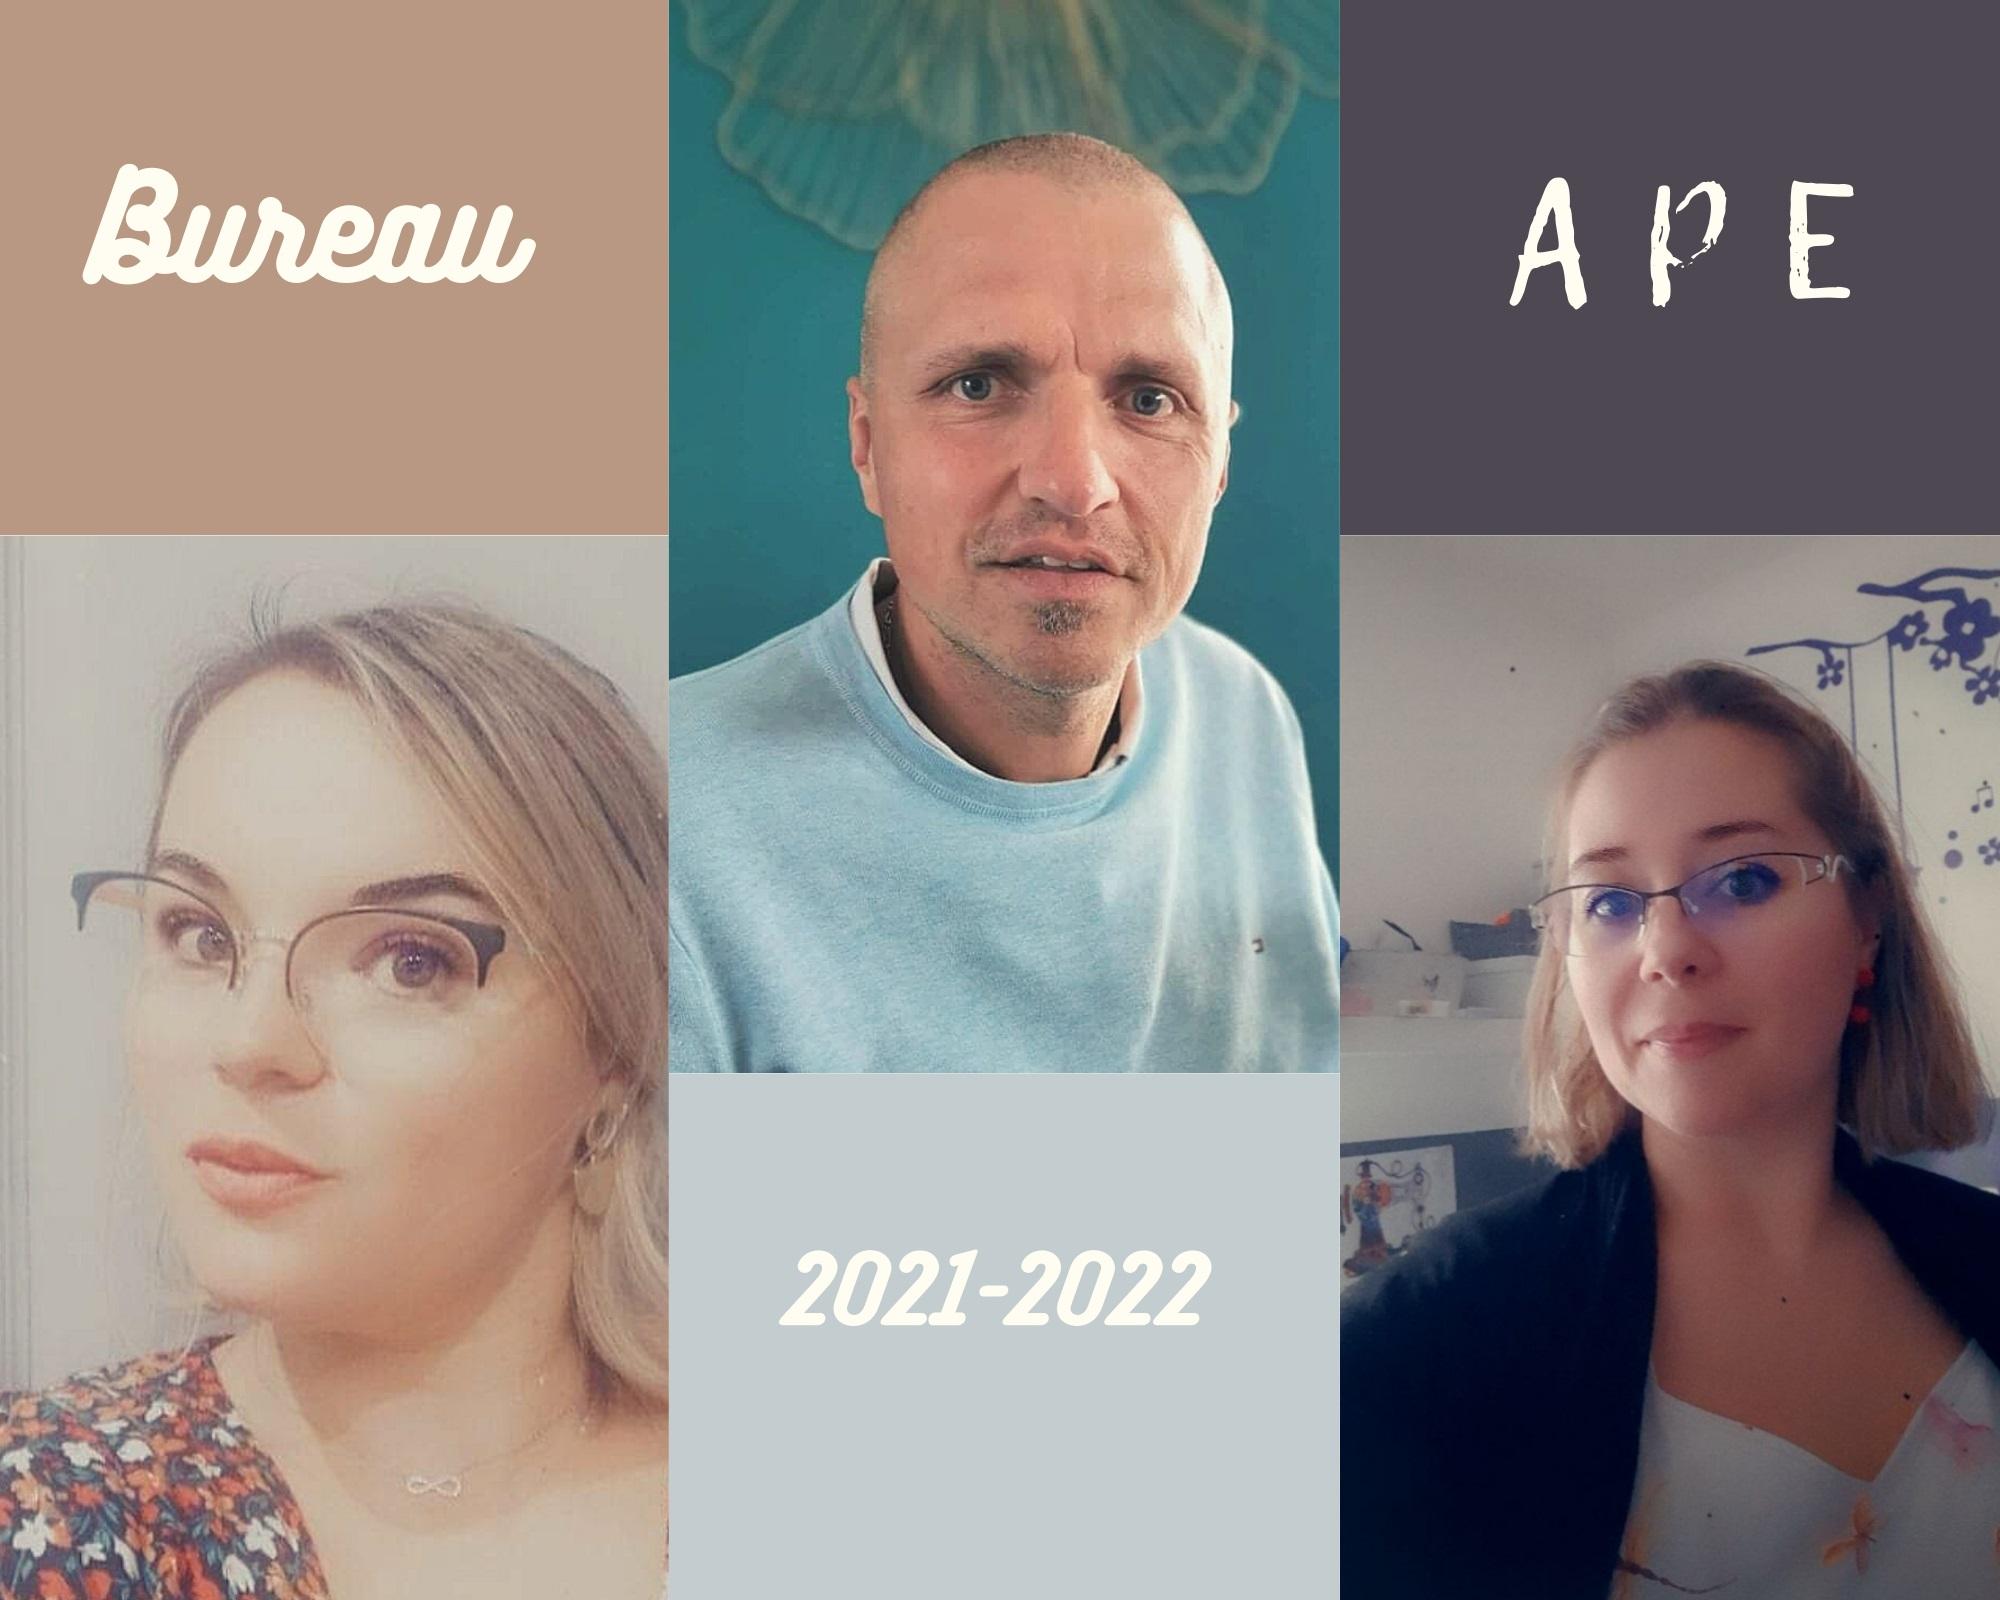 bureau ape 2021-2022.jpg